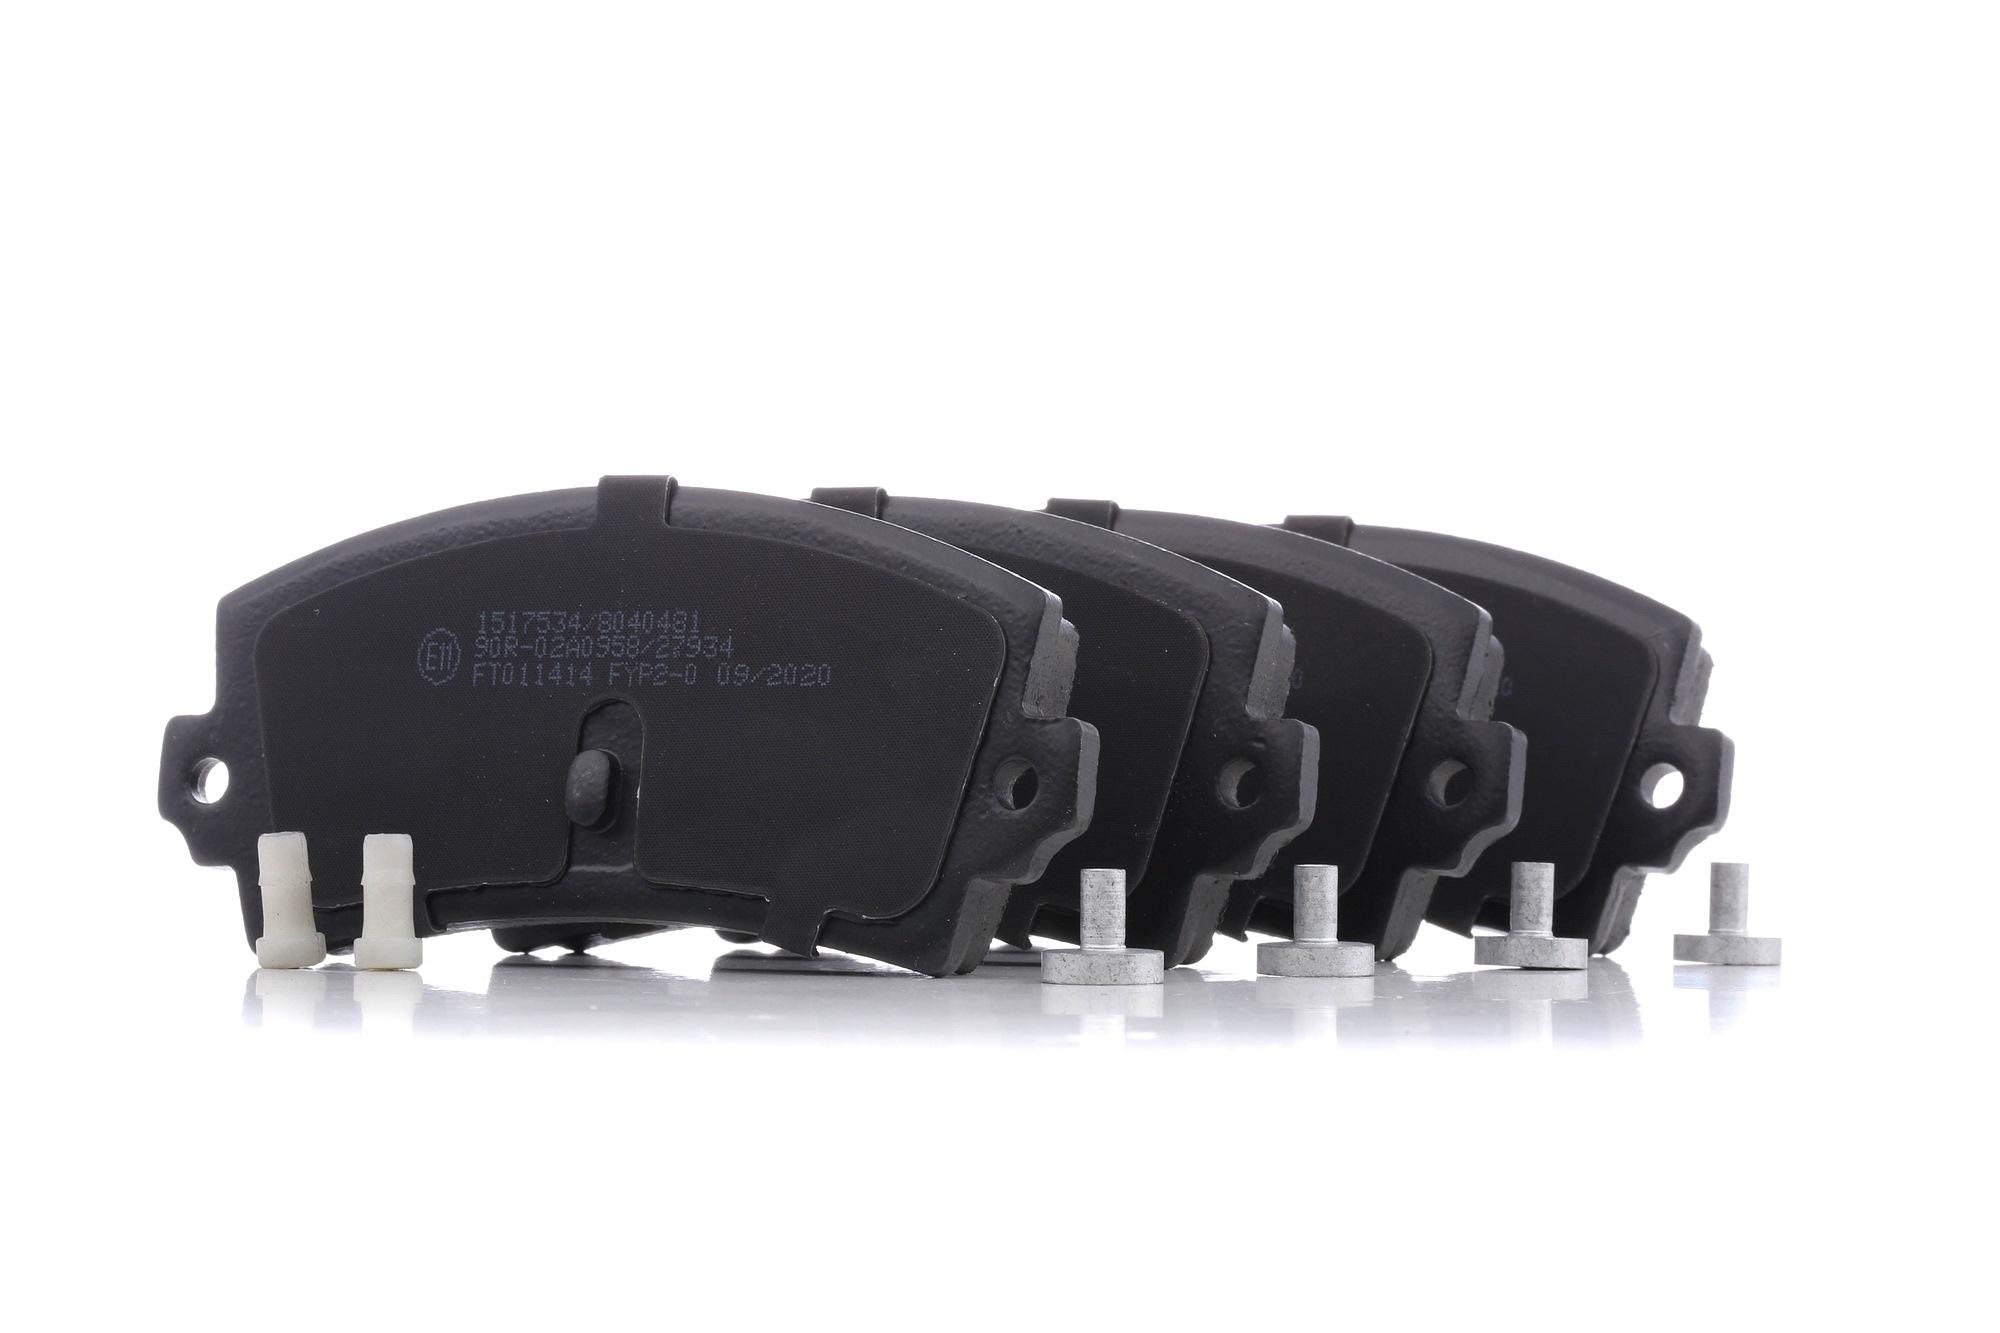 Achetez Système de freinage RIDEX 402B0541 (Hauteur 1: 49,3mm, Largeur 1: 109,8mm, Épaisseur 1: 14mm) à un rapport qualité-prix exceptionnel